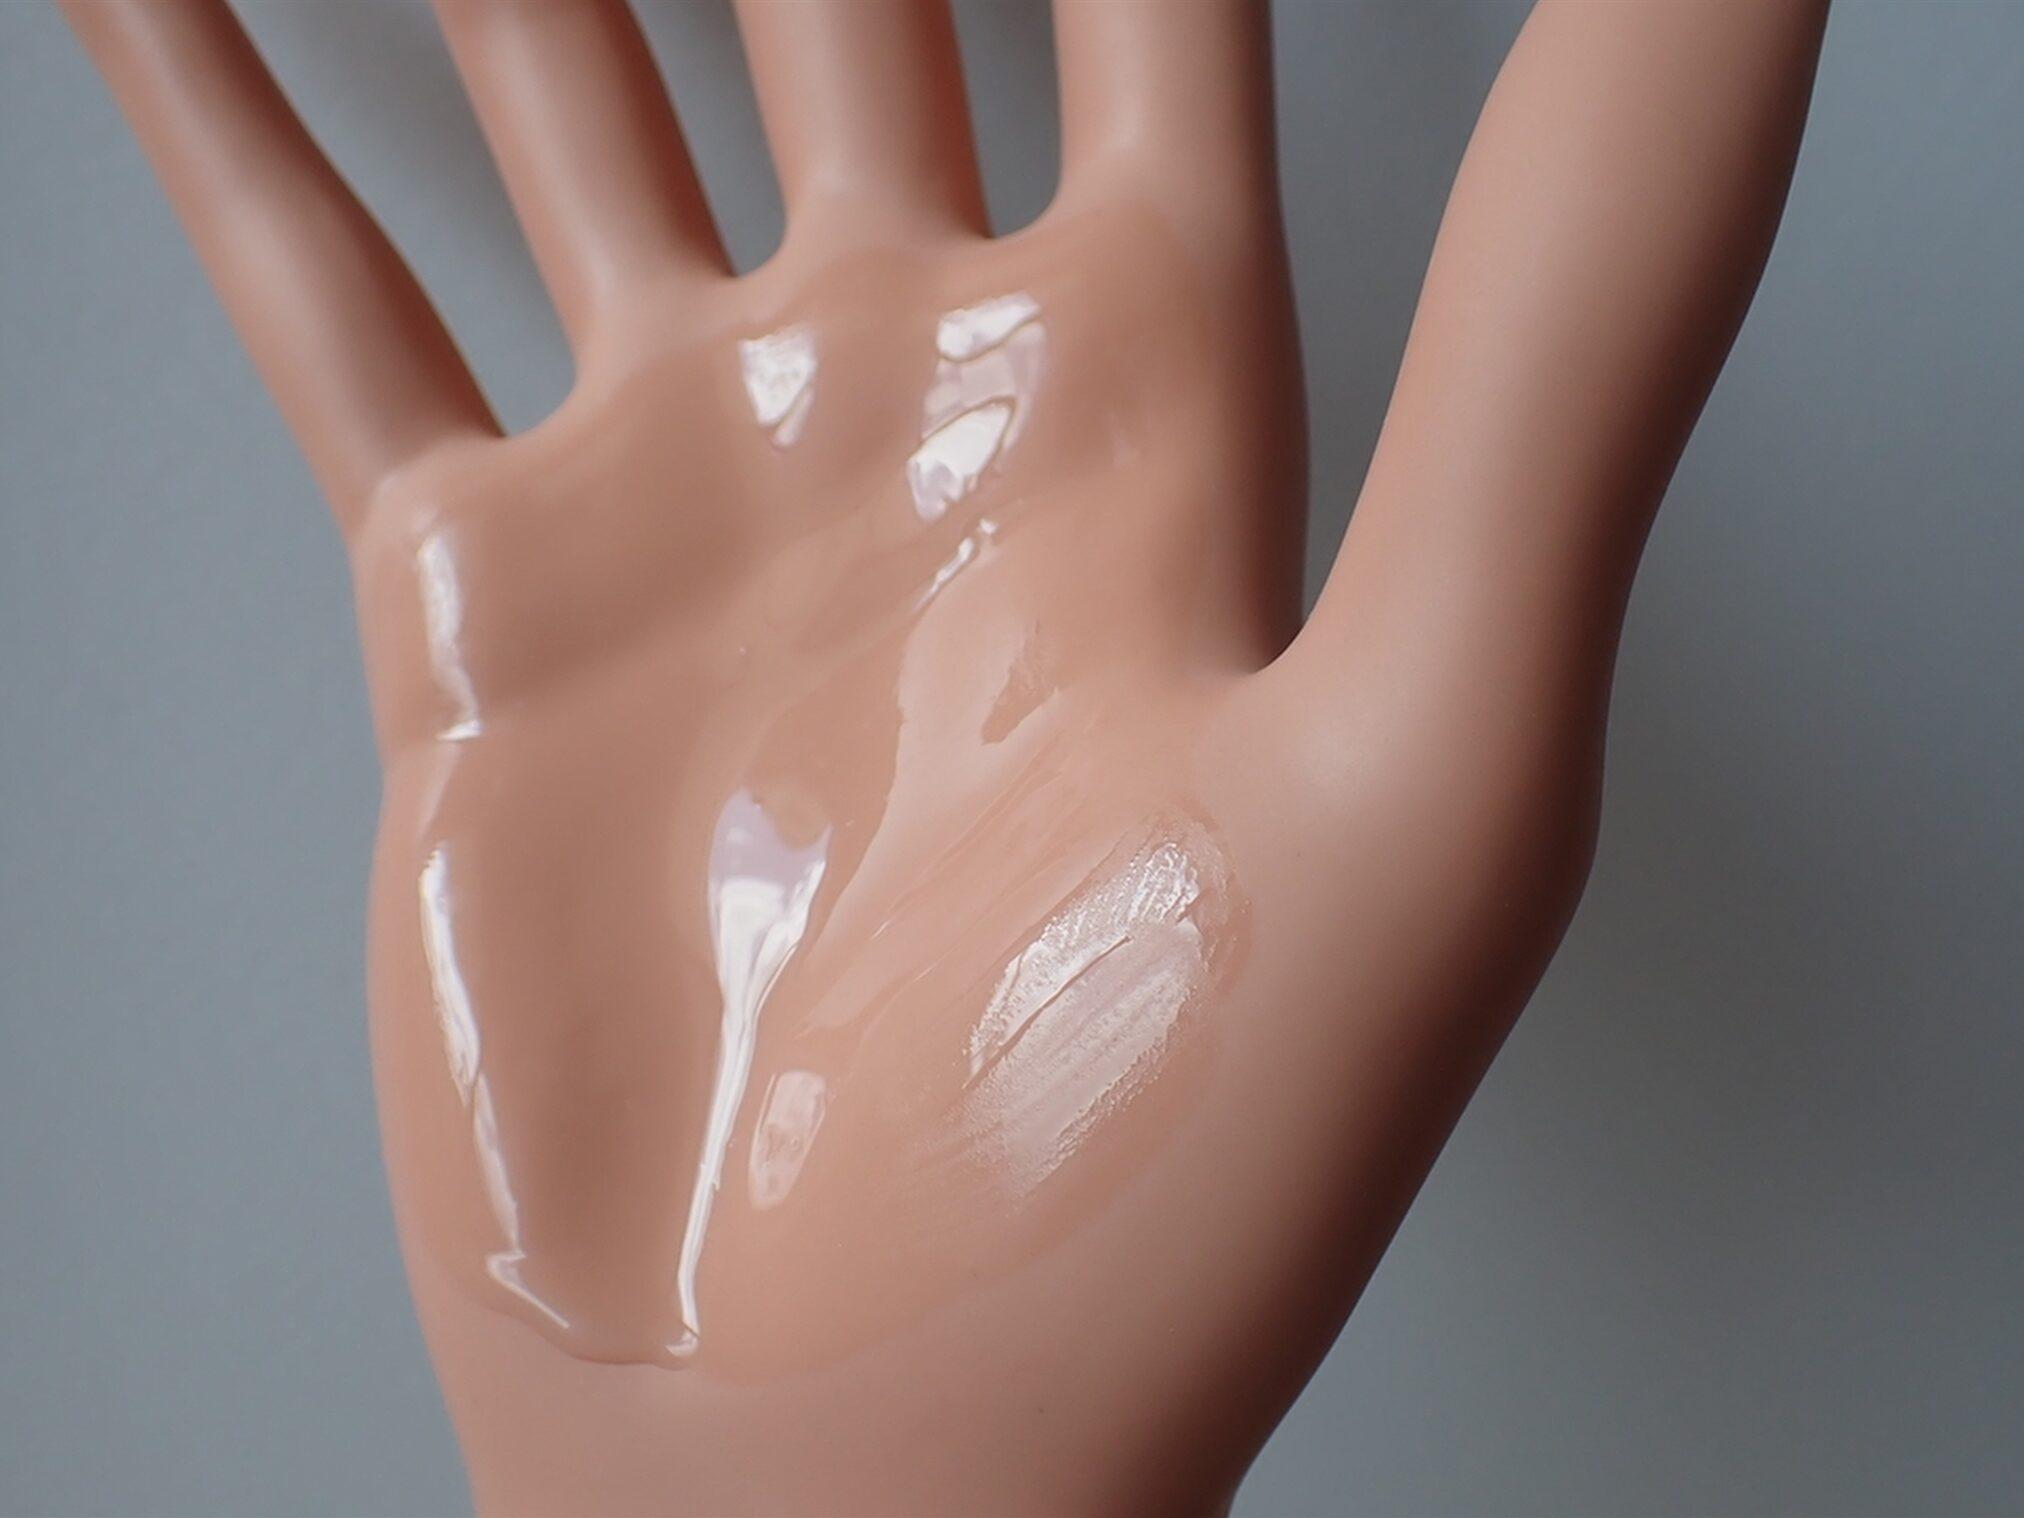 エトヴォス アルティモイスト トライアルキット ETVOS 保湿化粧水 アルティモイストローション 30ml 使い方は500円玉大を手のひらに馴染ませてからハンドプレスで使います